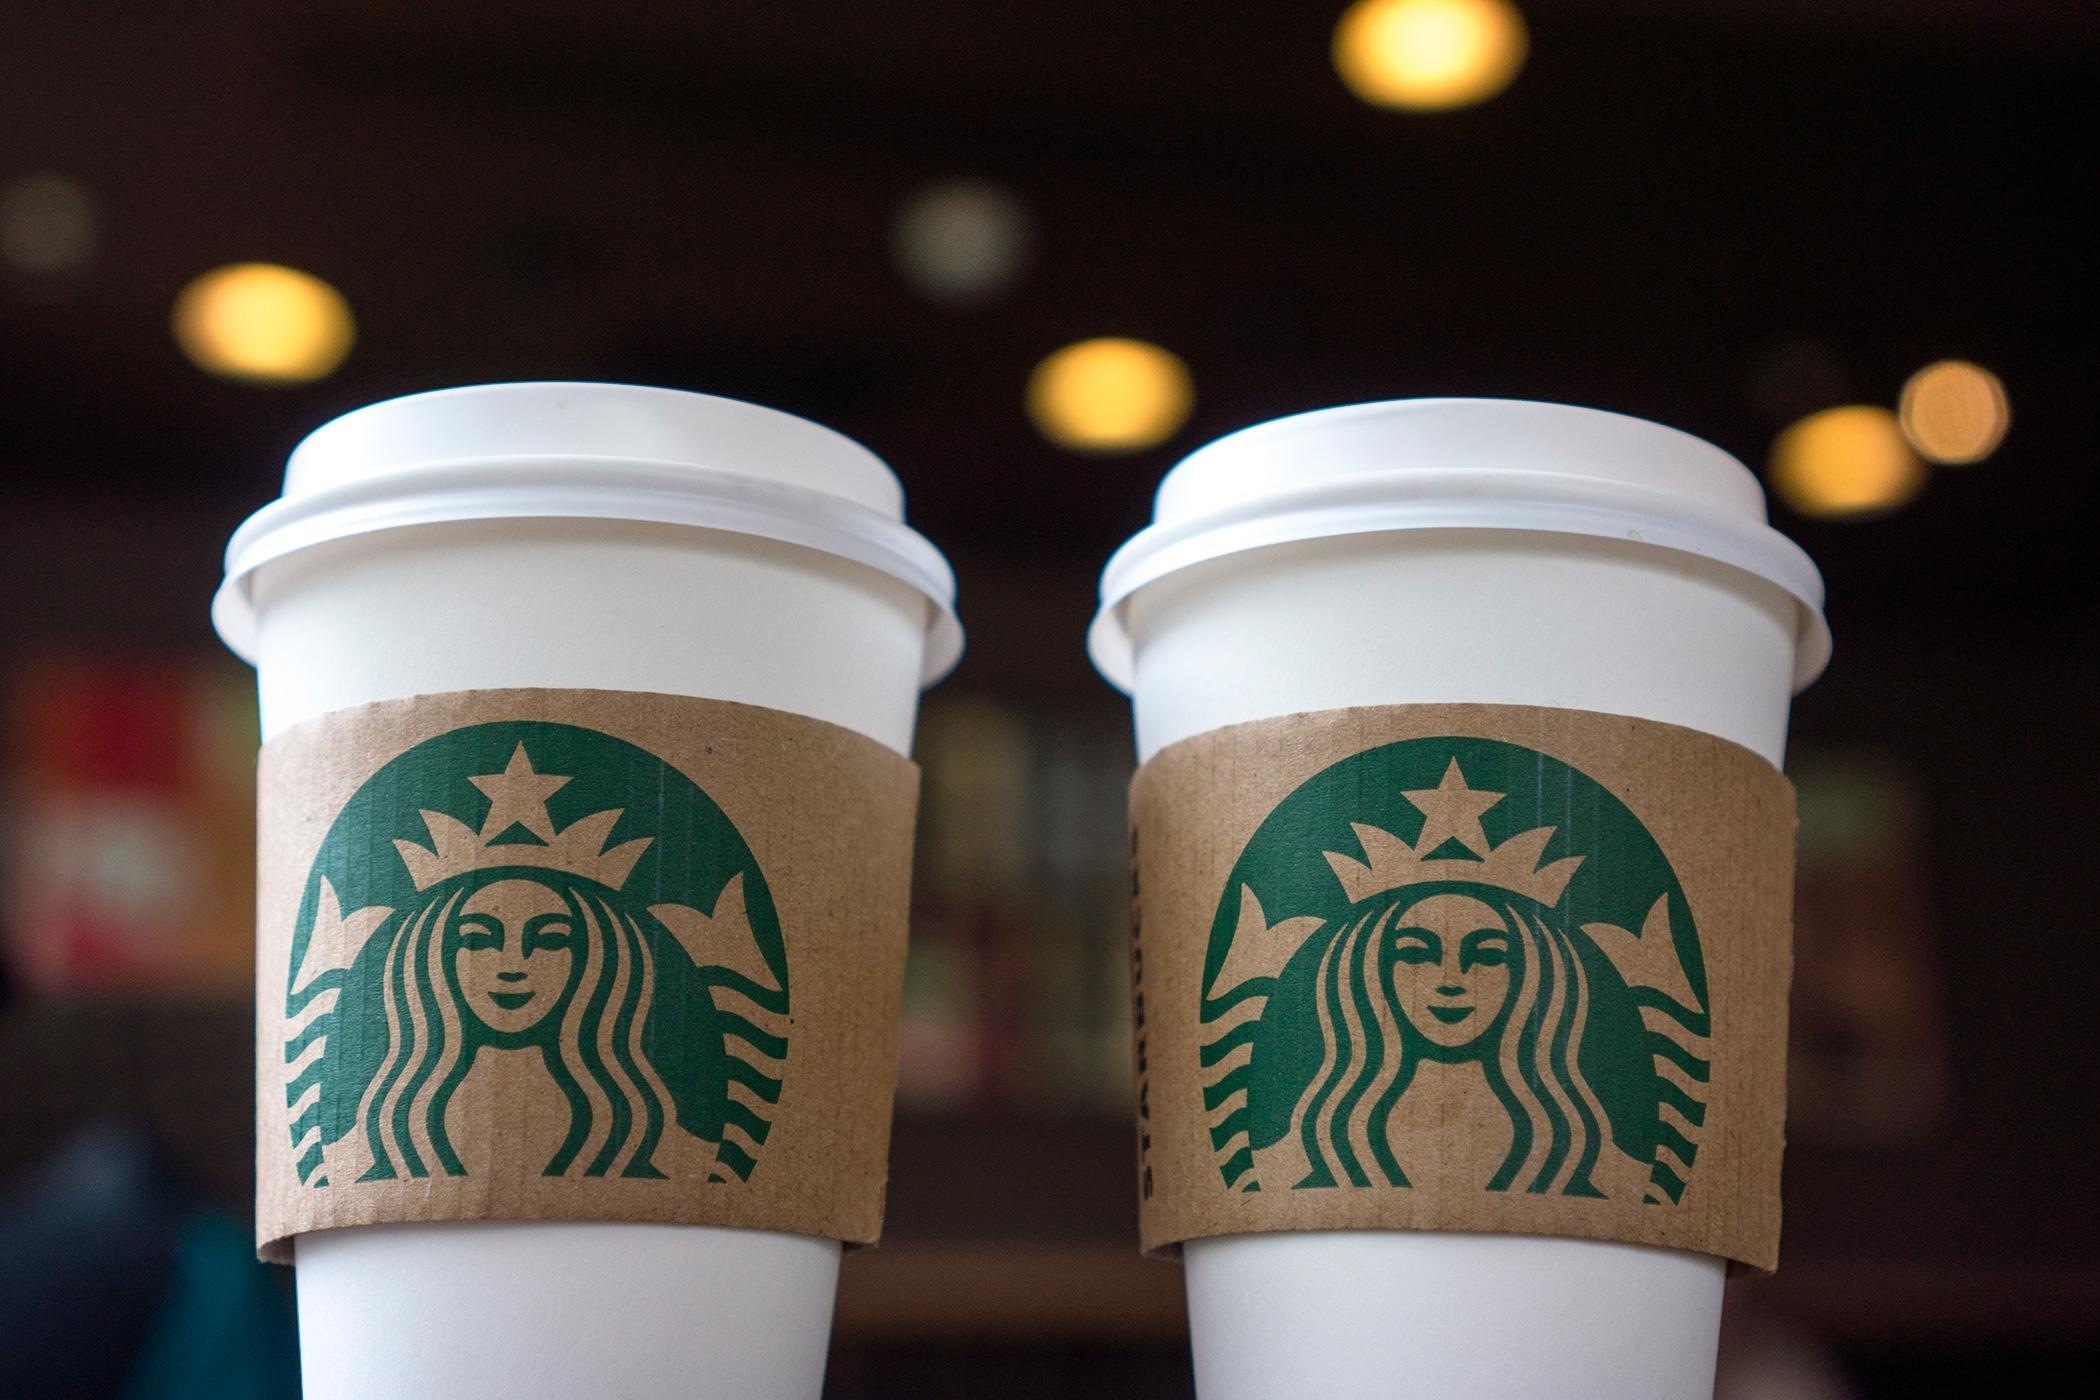 Провайдер кофеен Starbucks через Wi-Fi майнил криптовалюту